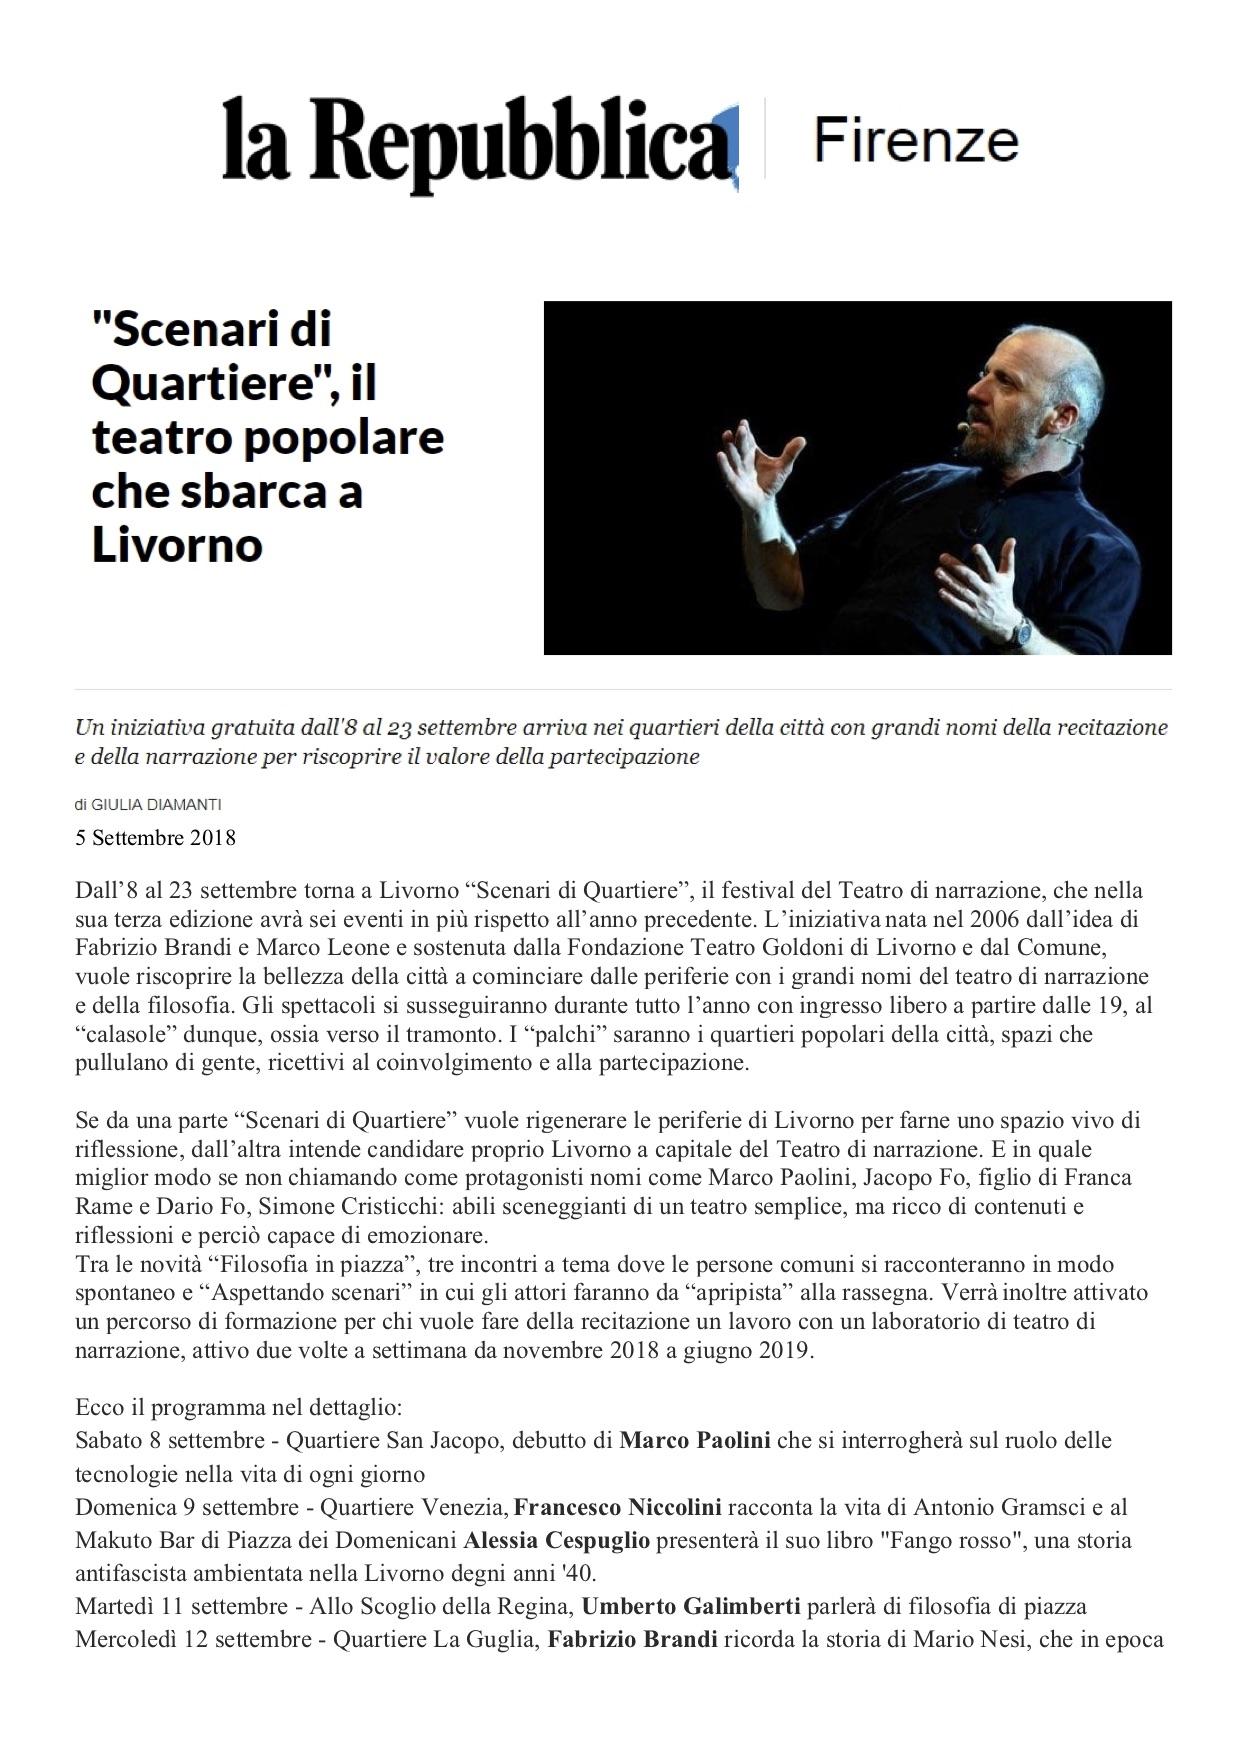 20180905 Repubblica Firenze